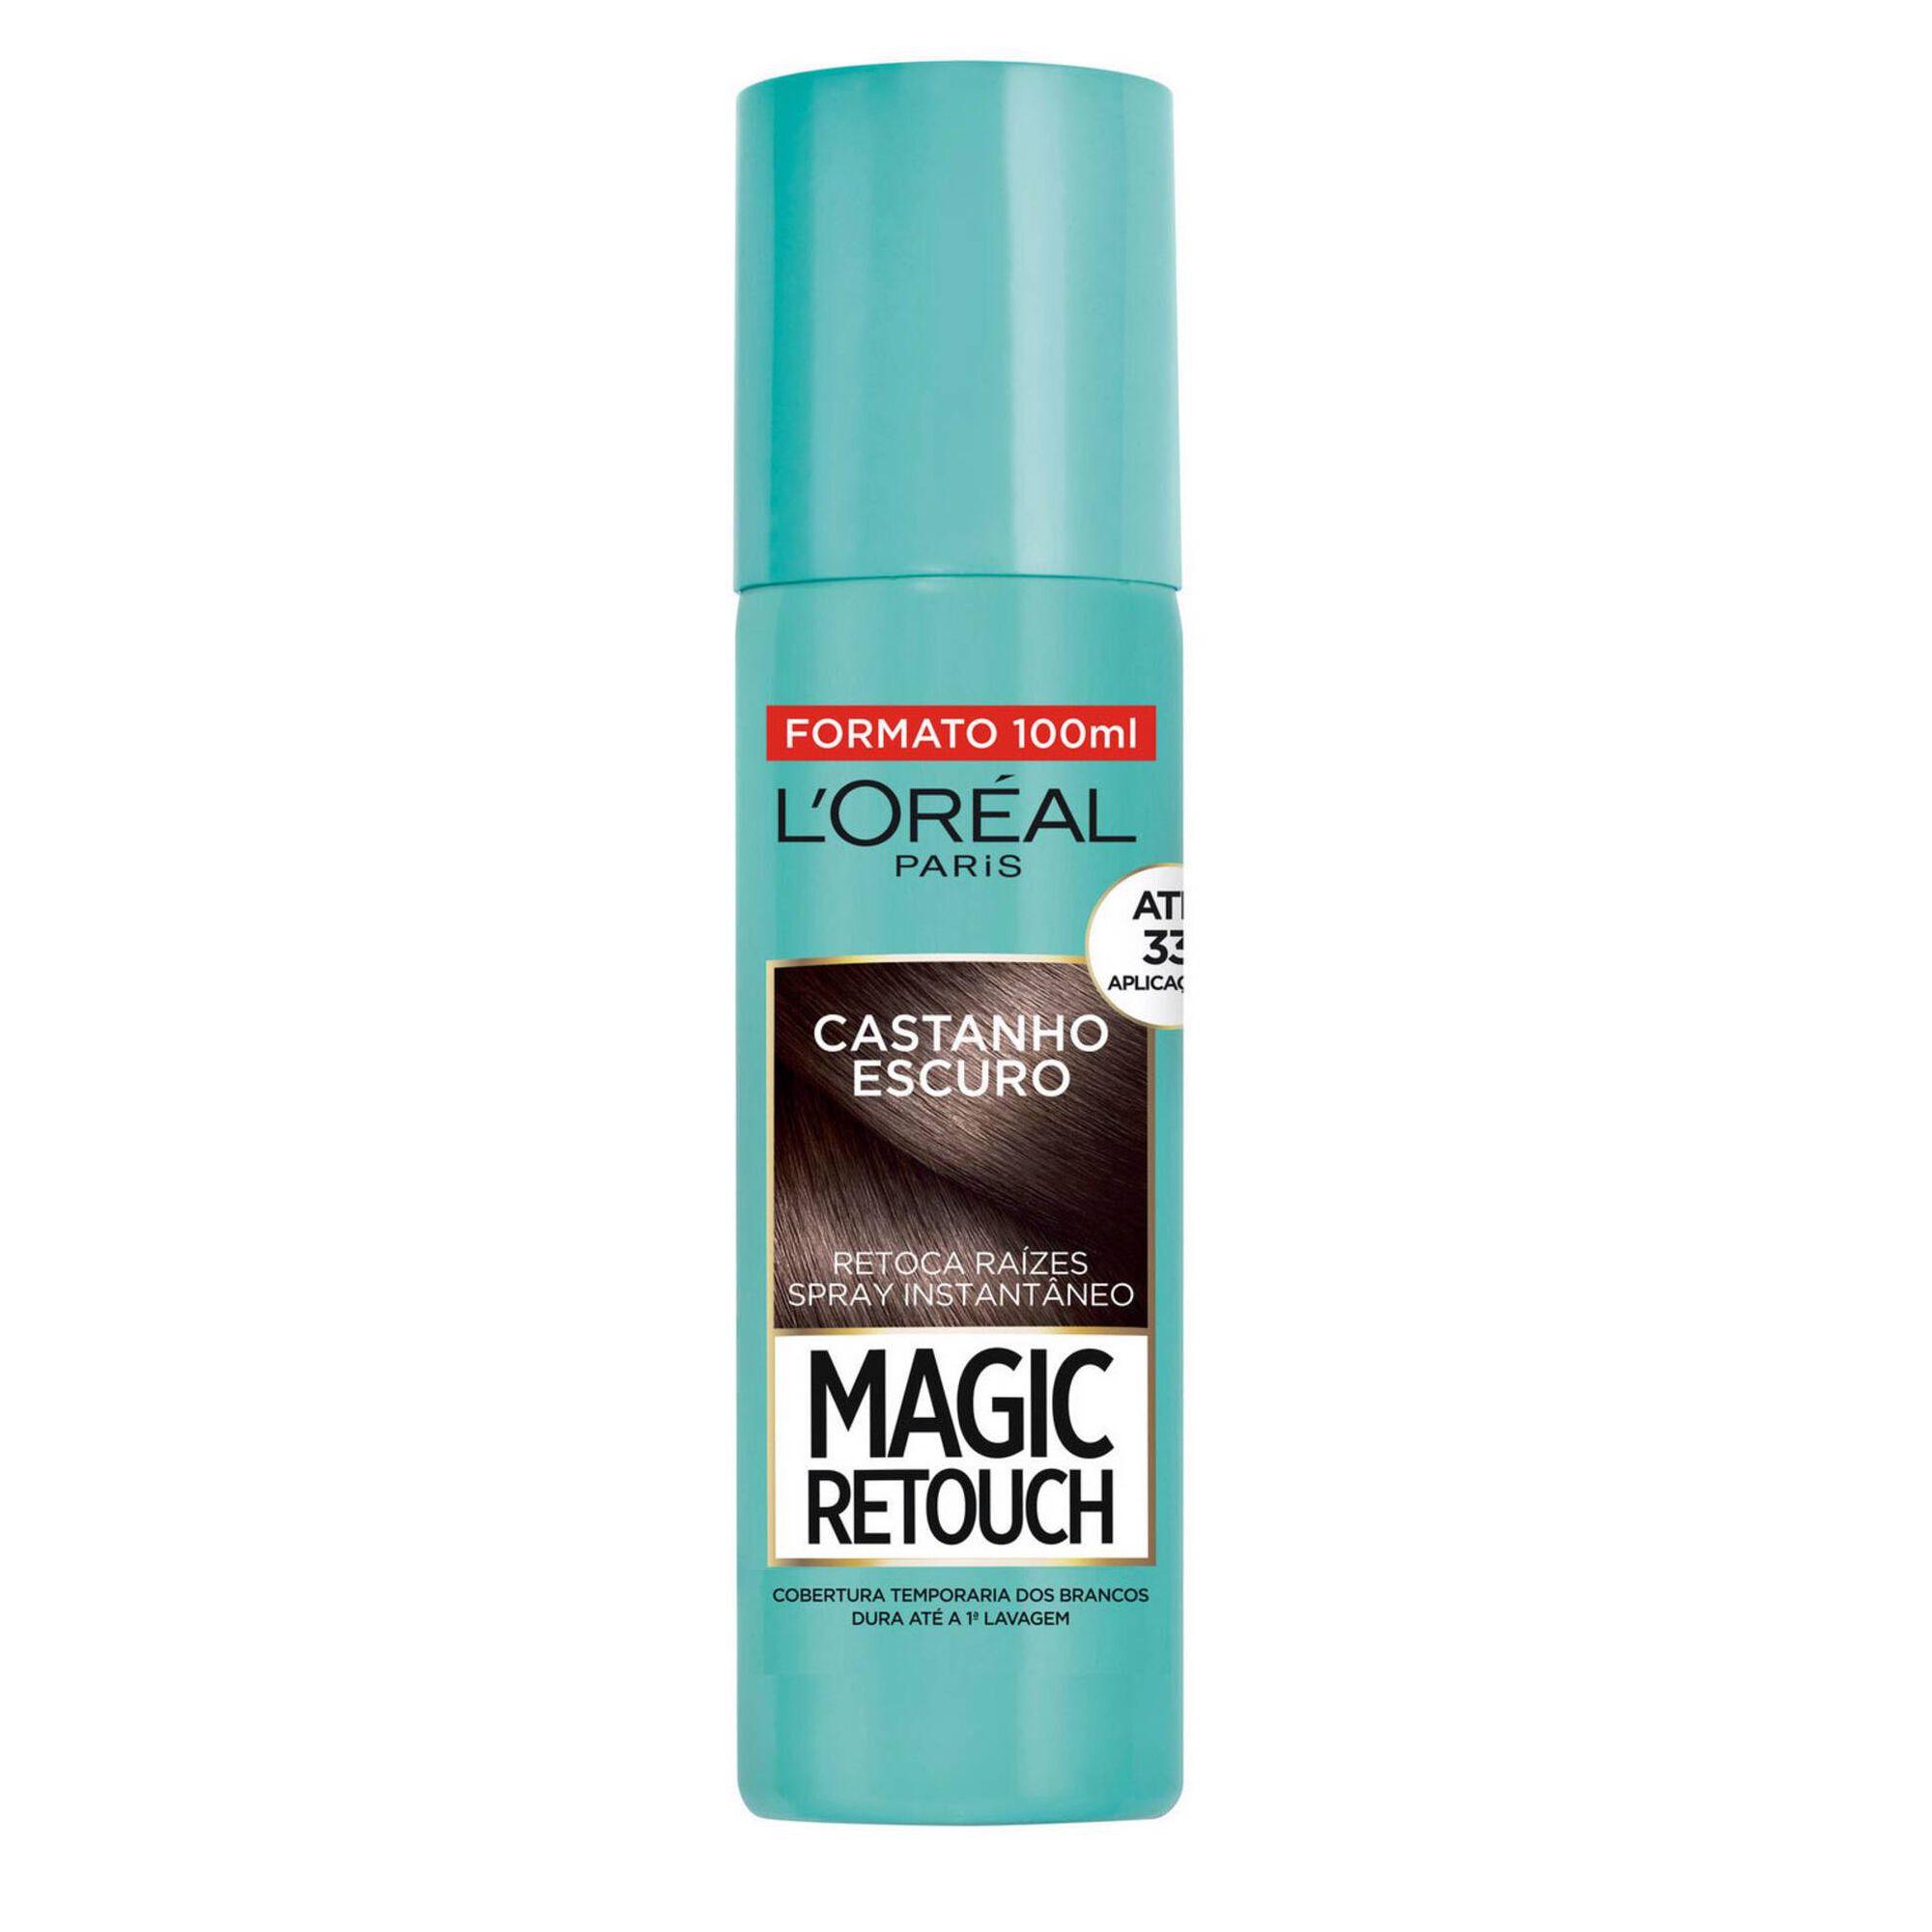 Coloração Retoca Raízes Magic Retouch Spray Castanho Escuro 2